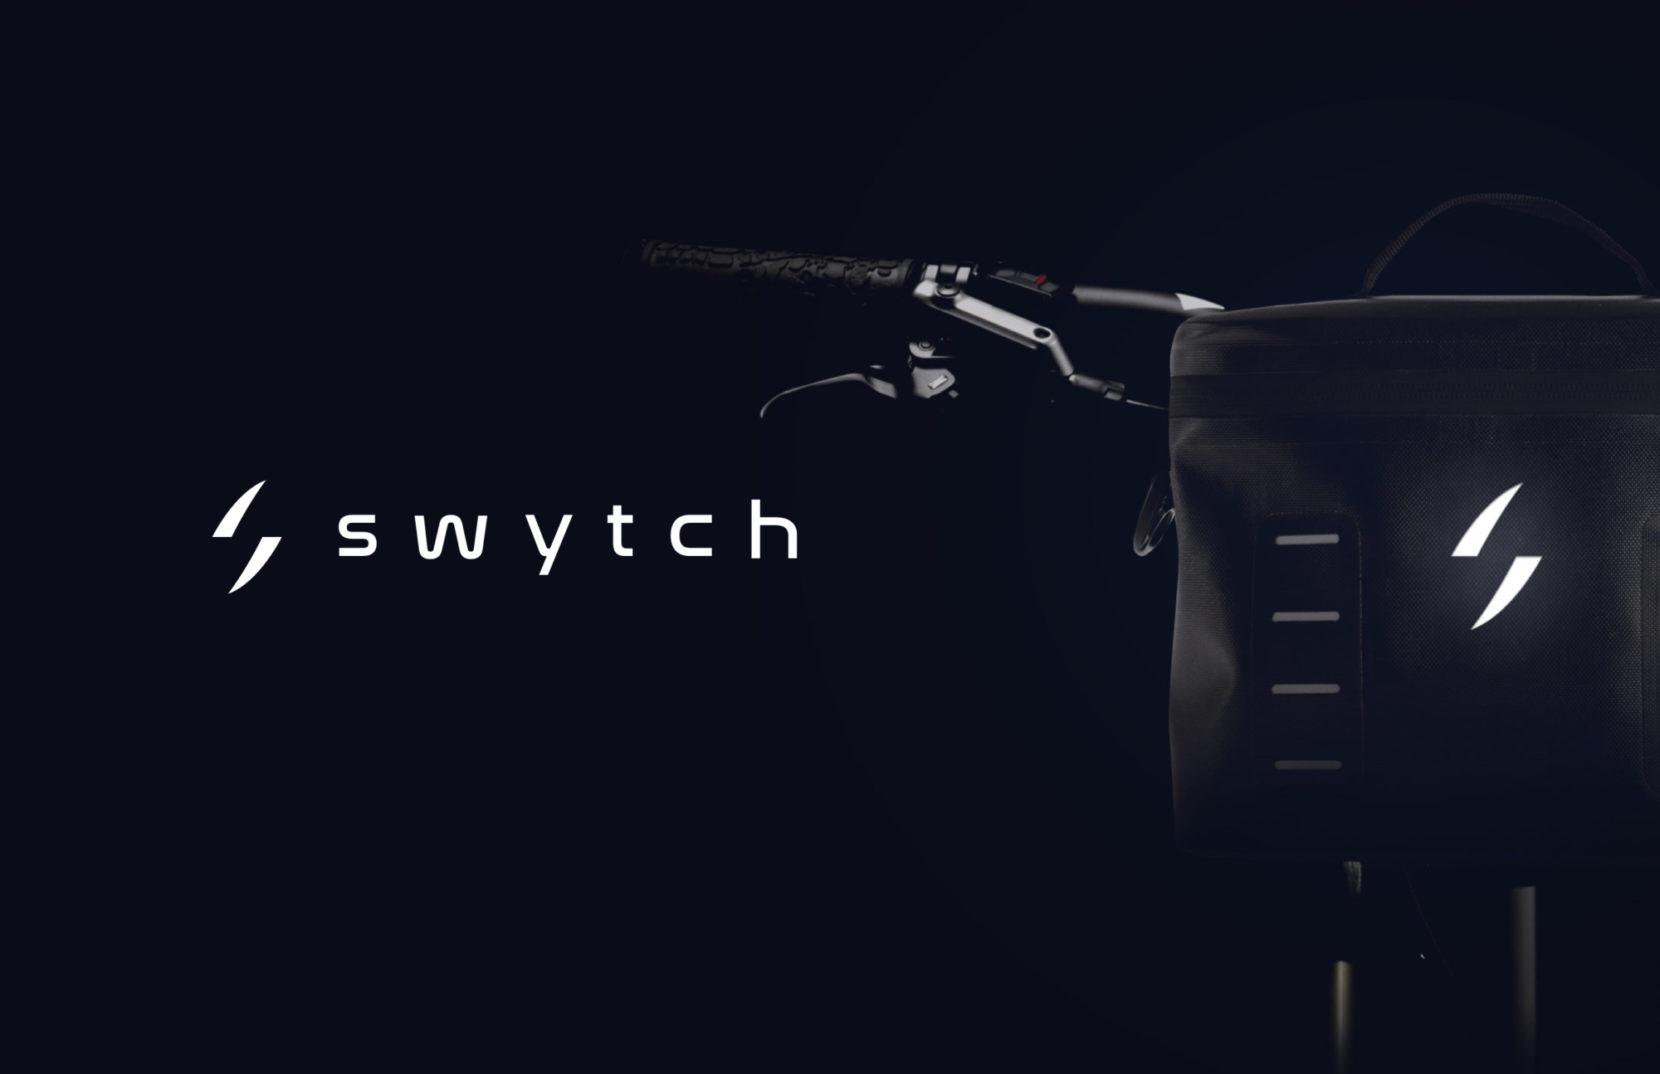 Swytch case 2 x2